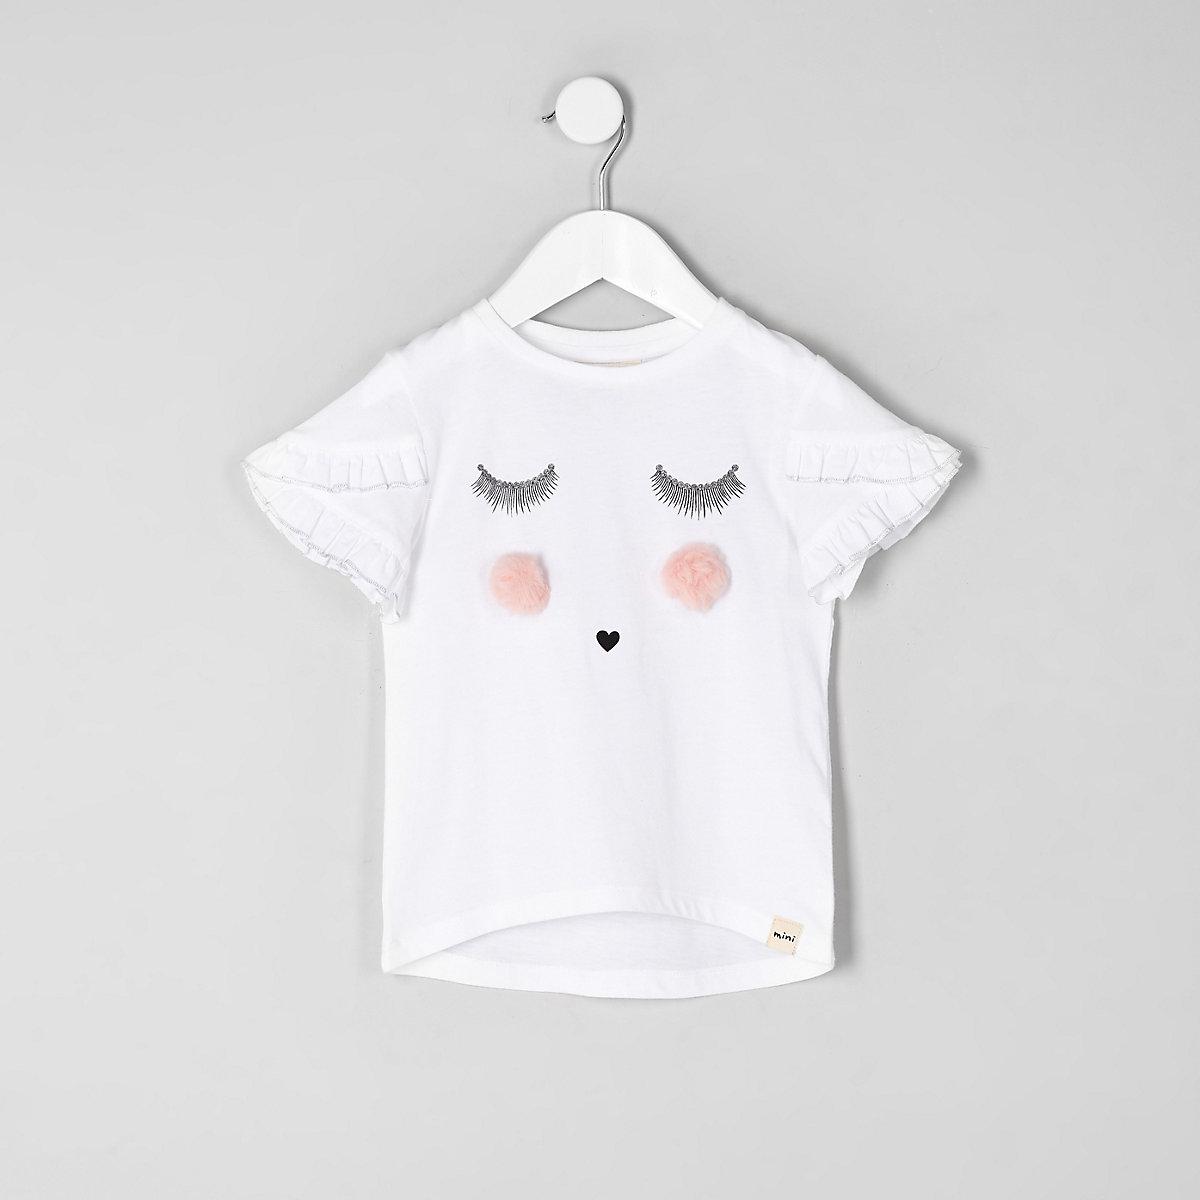 Weißes T-Shirt mit Wimpernspitze